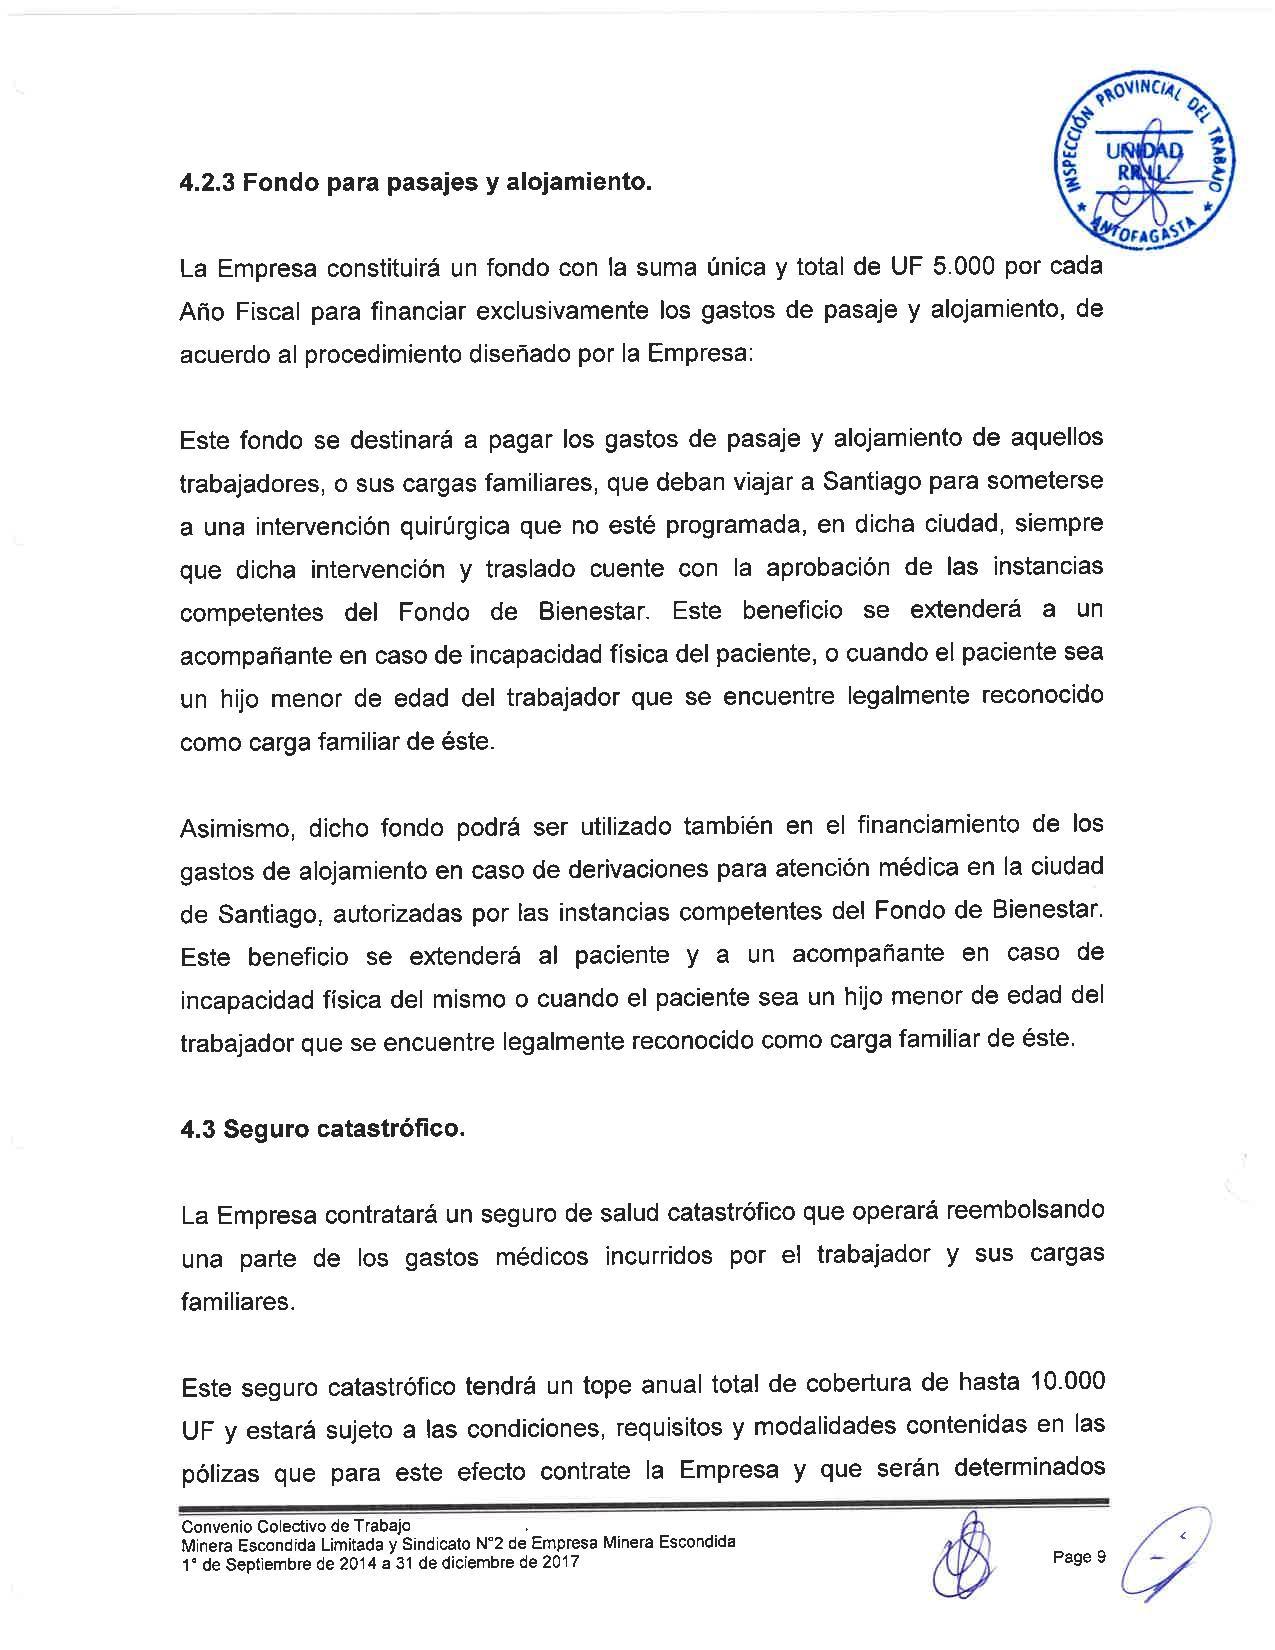 Página (9).jpg